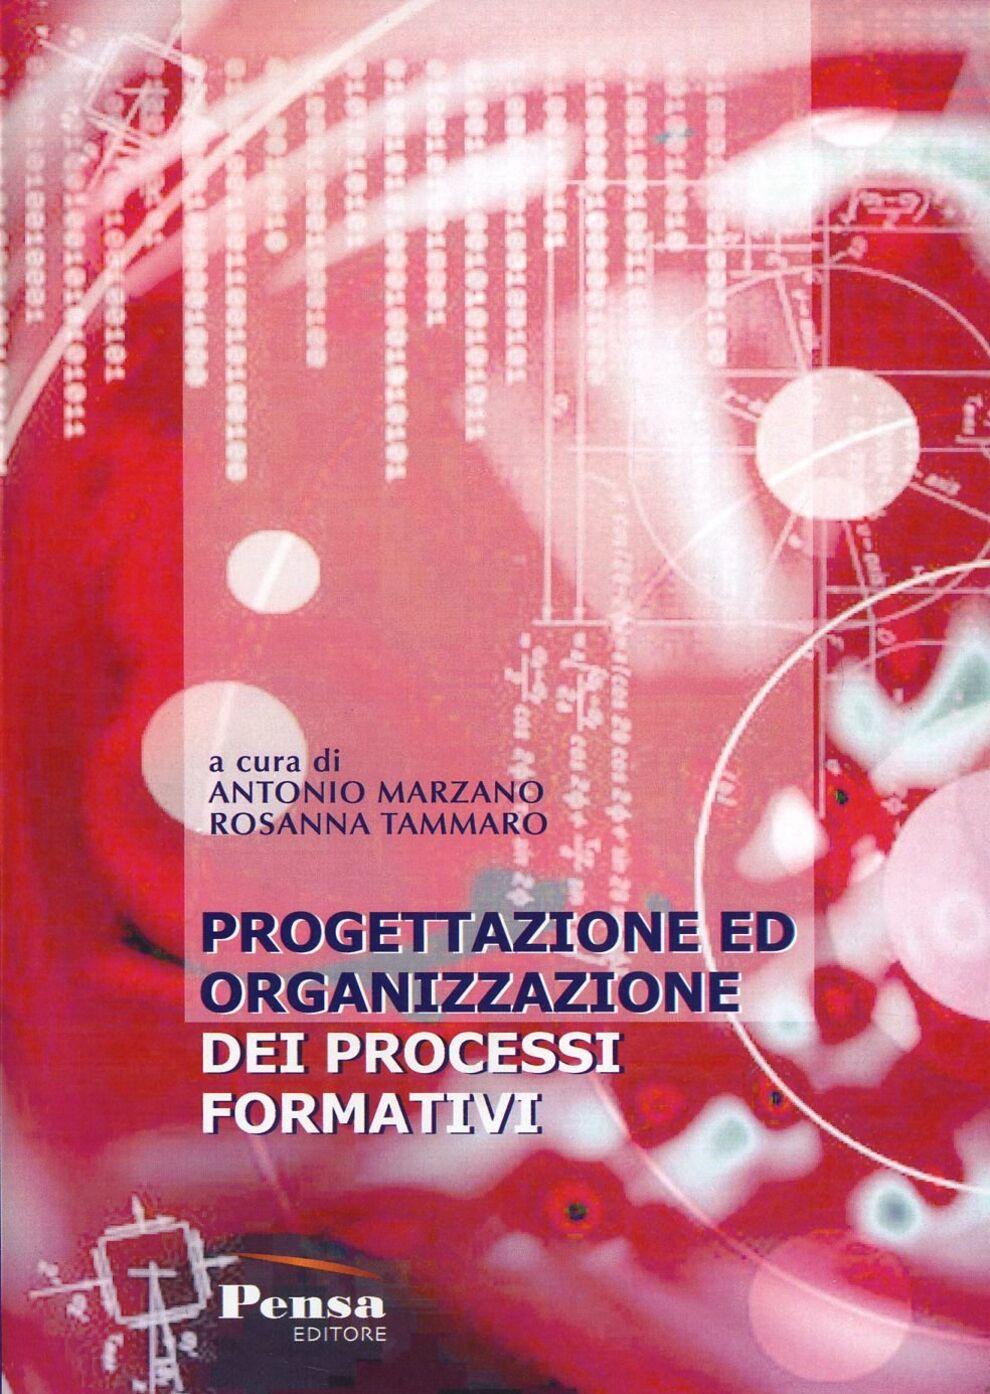 Progettazione ed organizzazione dei processi formativi